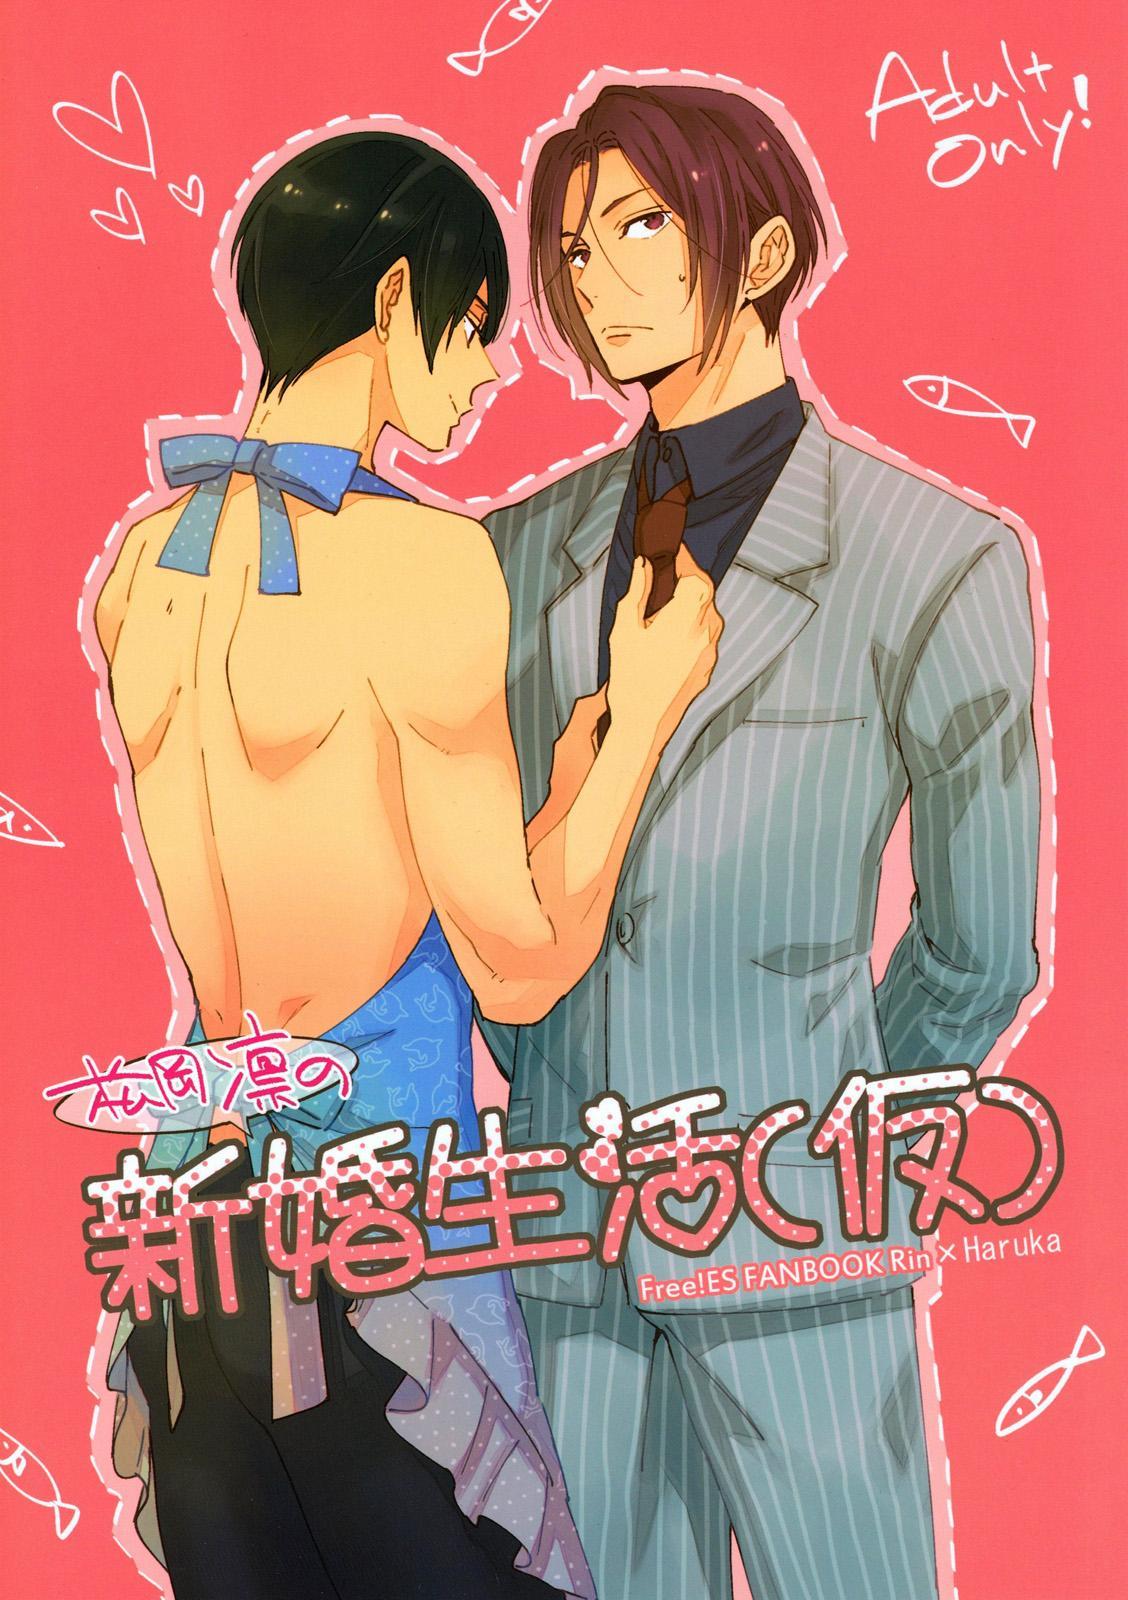 (SUPER24) [KANGAROO KICK (Takagi Takumi)] Matsuoka Rin no Shinkon Seikatsu (Kari) | Matsuoka Rin's Newly-Wed Life (Provisional) (Free!) [English] [Holy Mackerel] 0